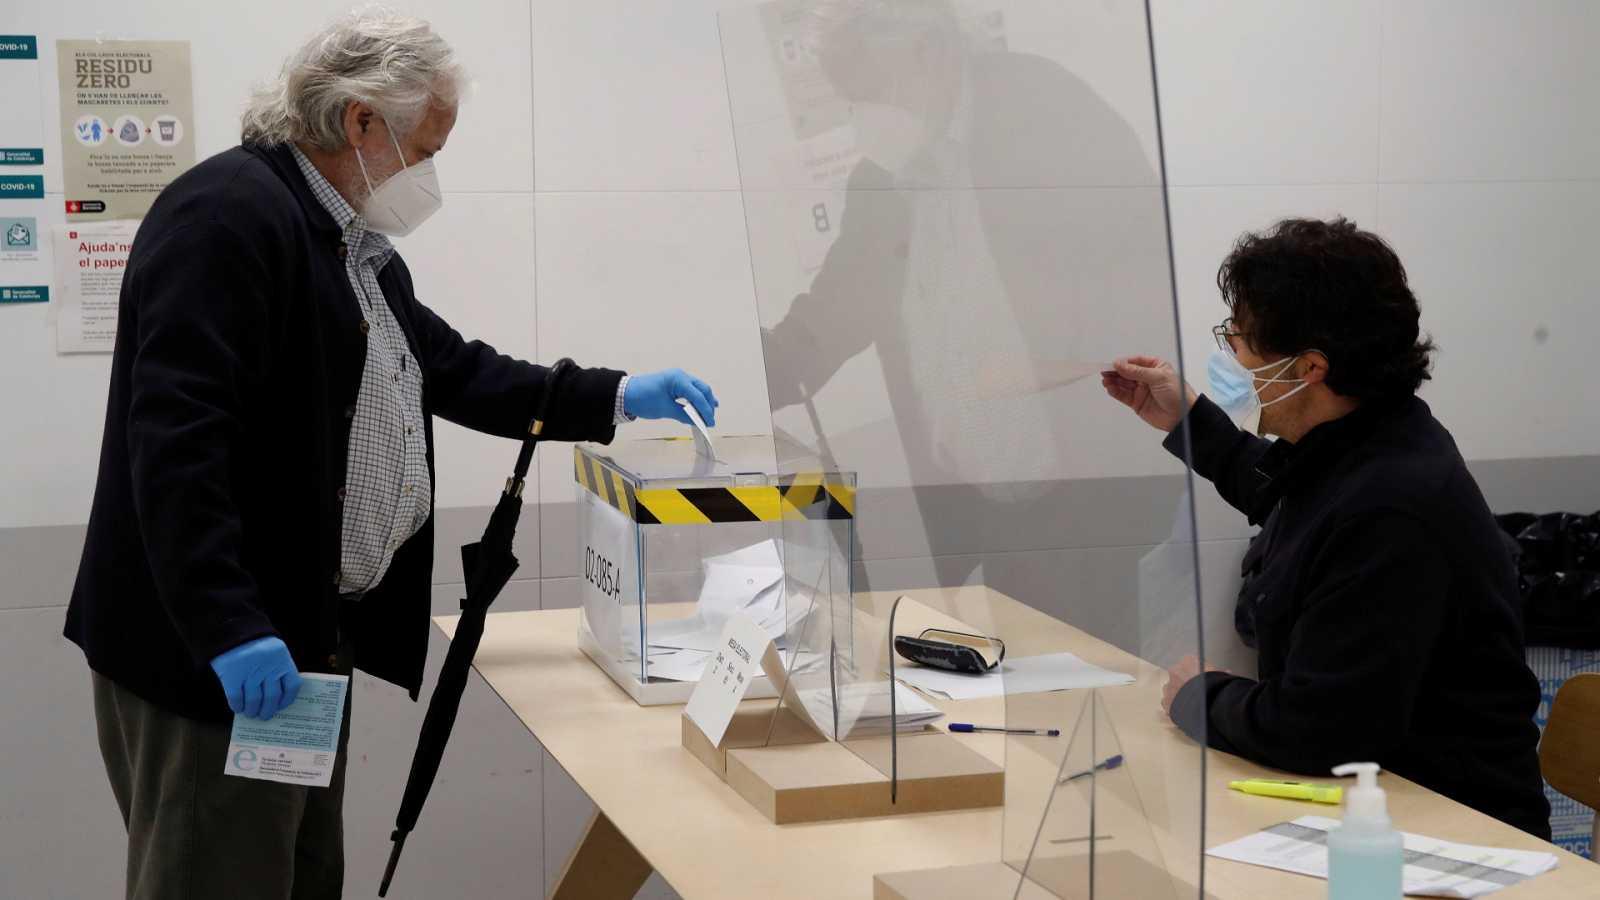 Avance informativo 17:30 horas - Jornada electoral Cataluña - 14/02/21 - ver ahora